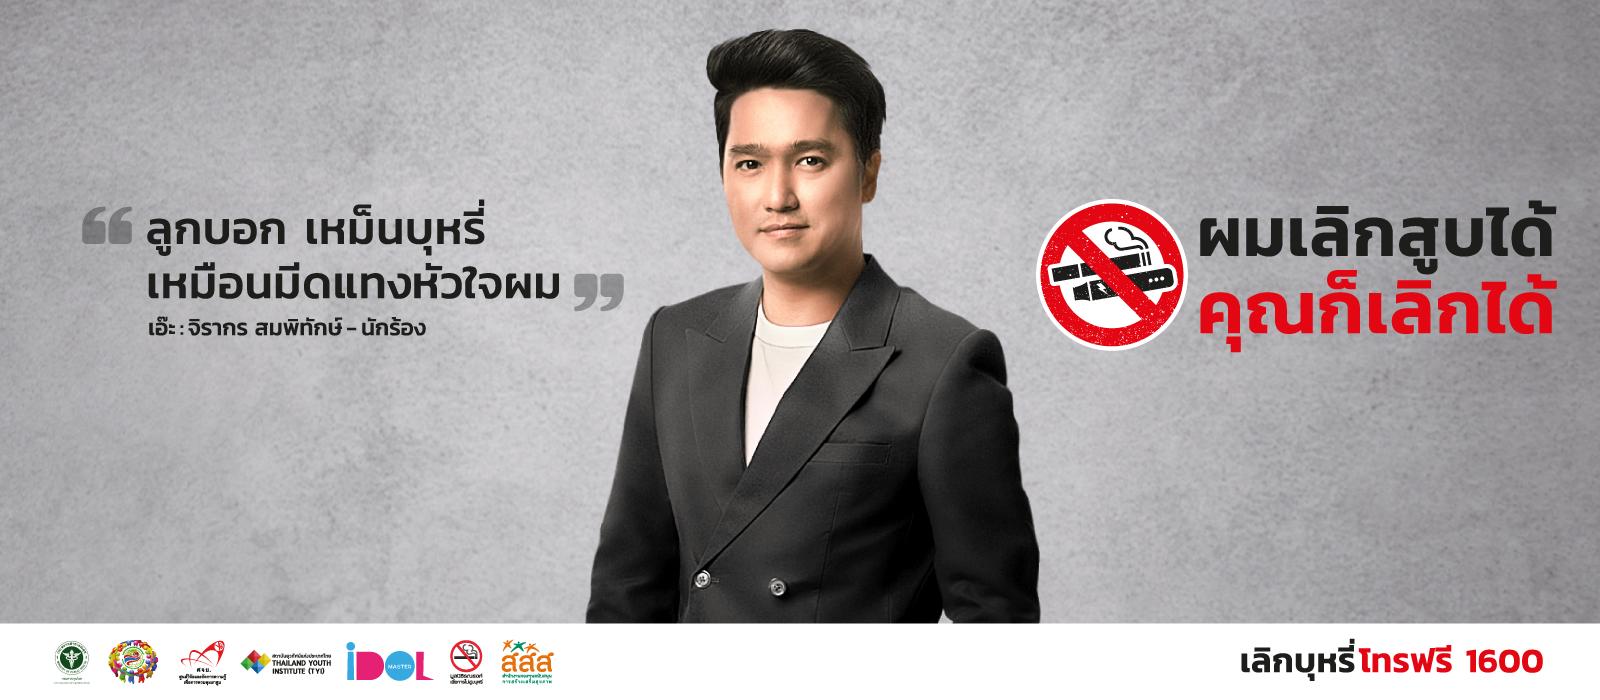 งดสูบบุหรี่โลก